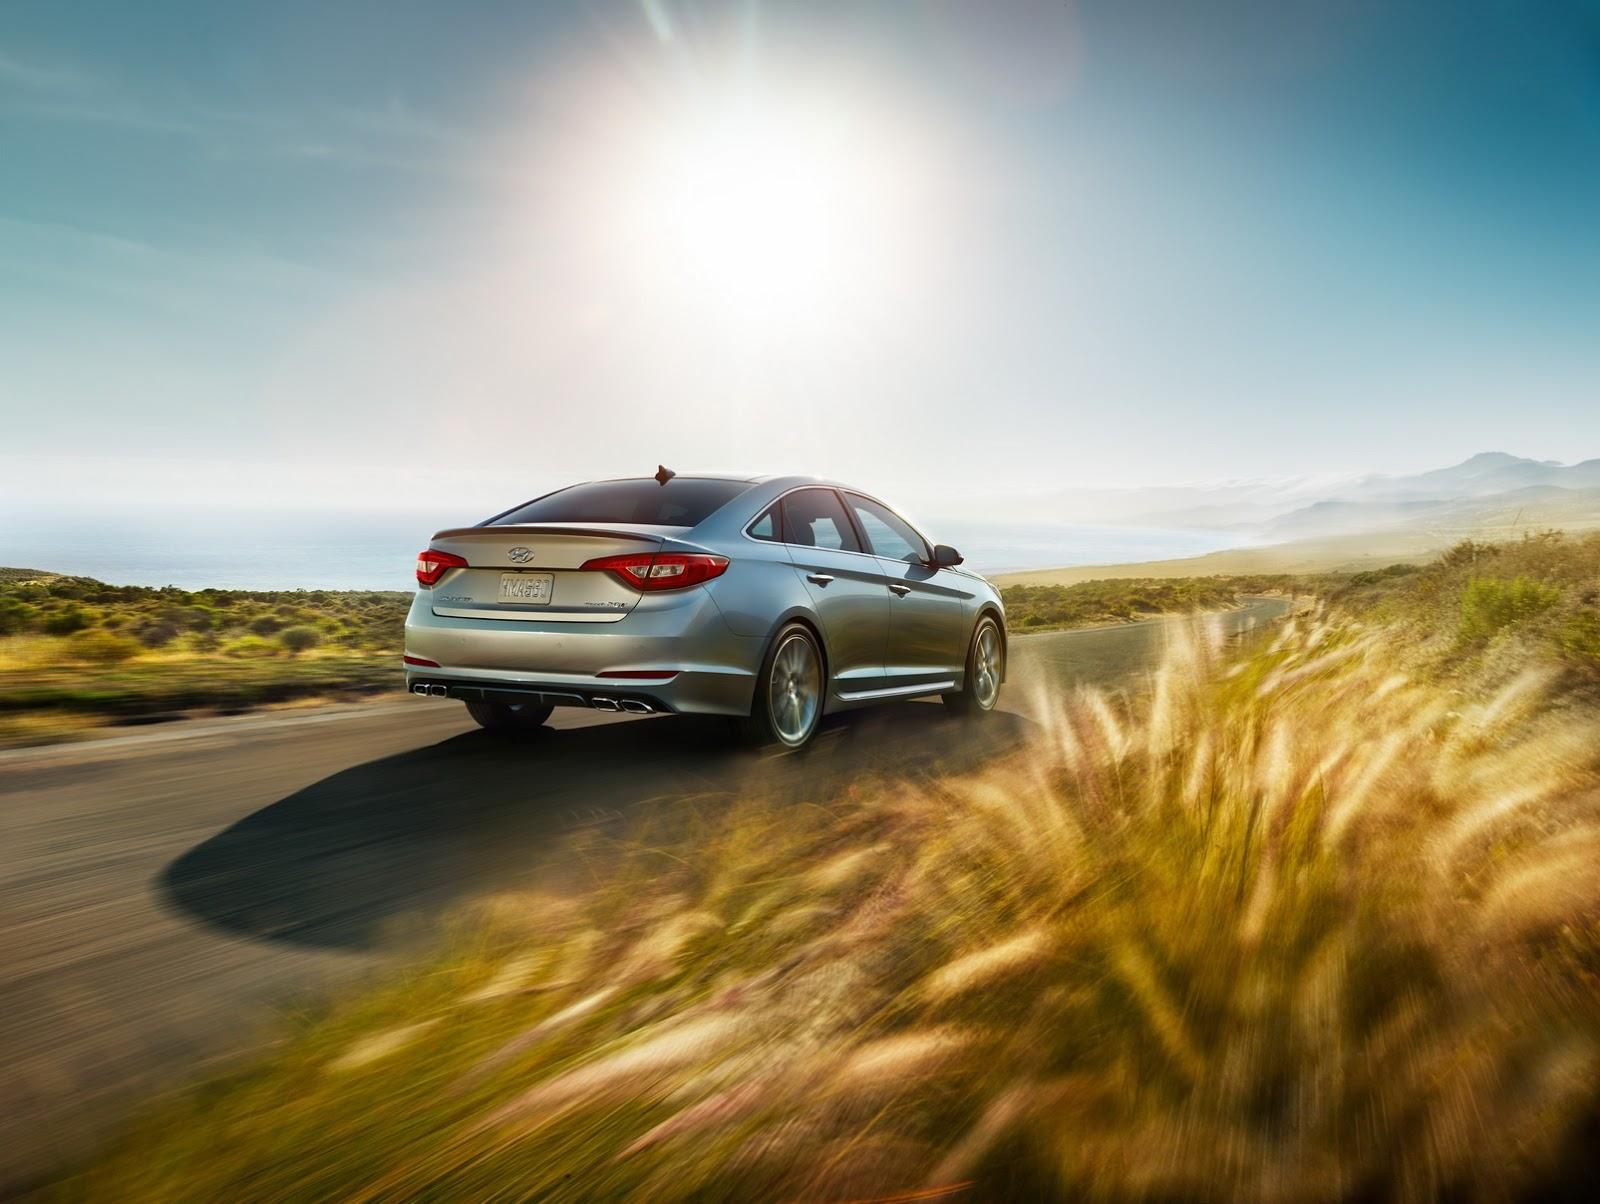 Đánh giá Hyundai Sonata 2017, hình ảnh, vận hành & giá bán thị trường 2